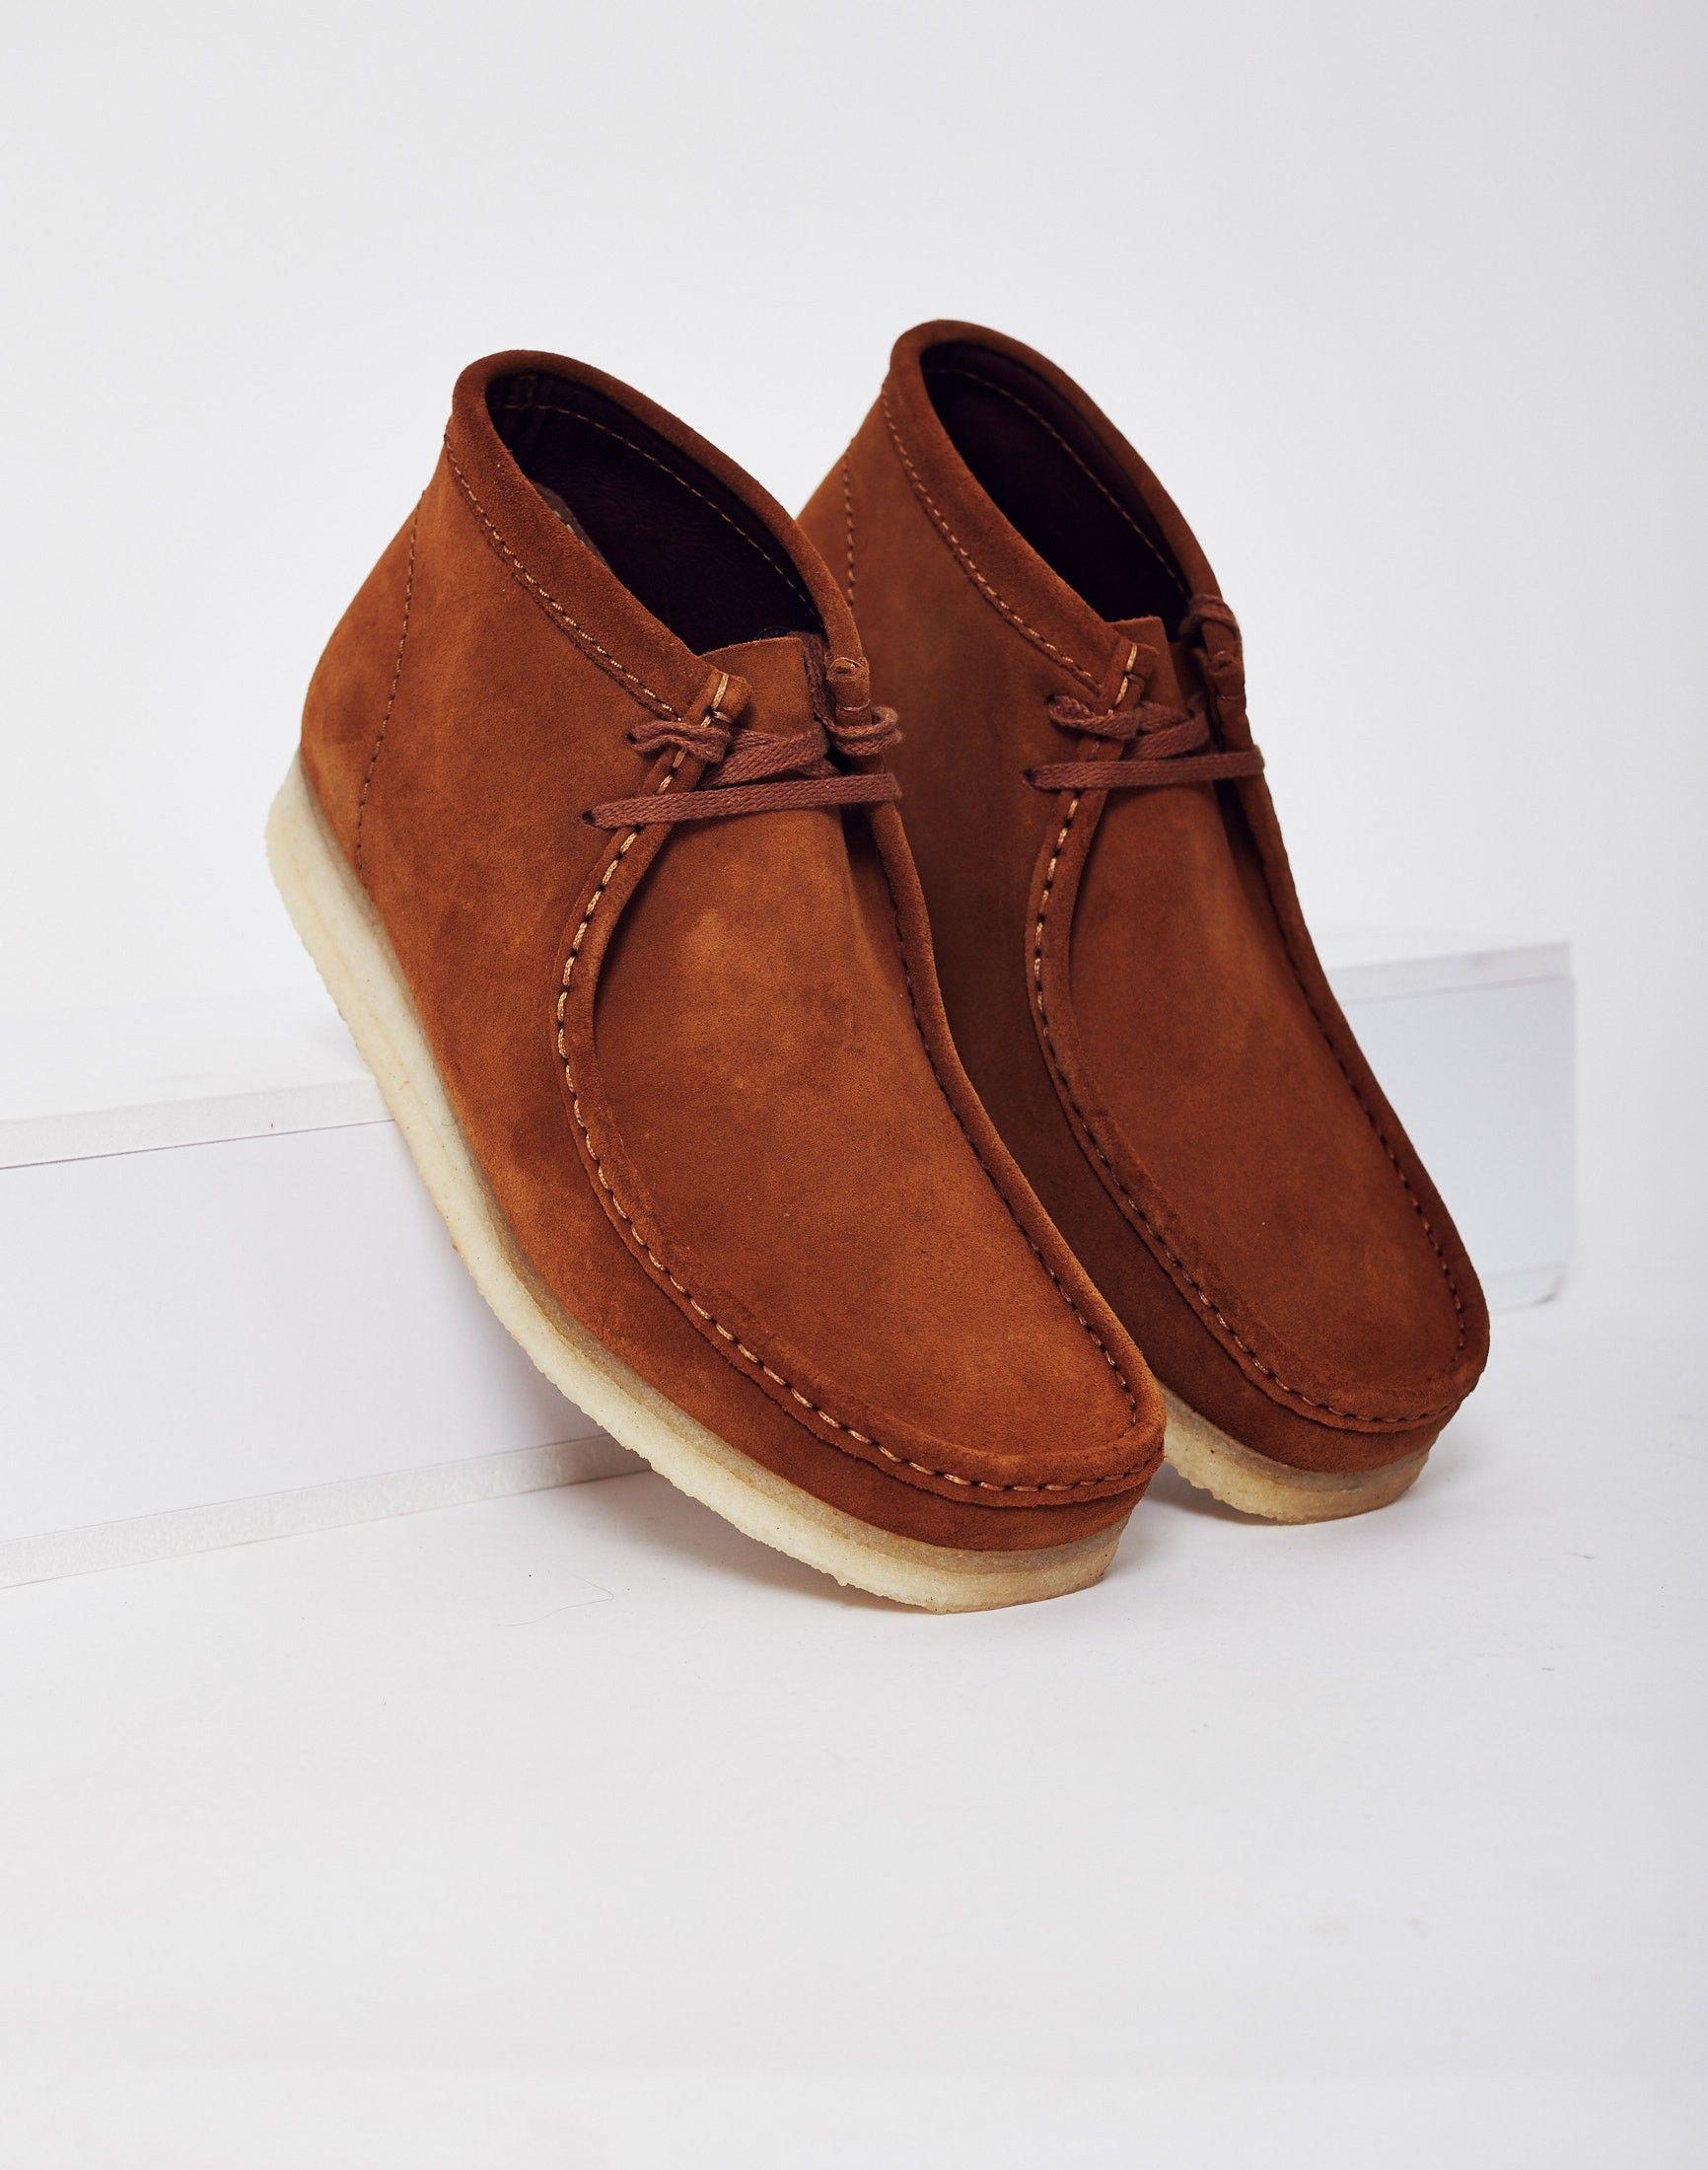 100% authentic c745c 04cc8 Clarks Originals Suede Wallabee Boot Camel